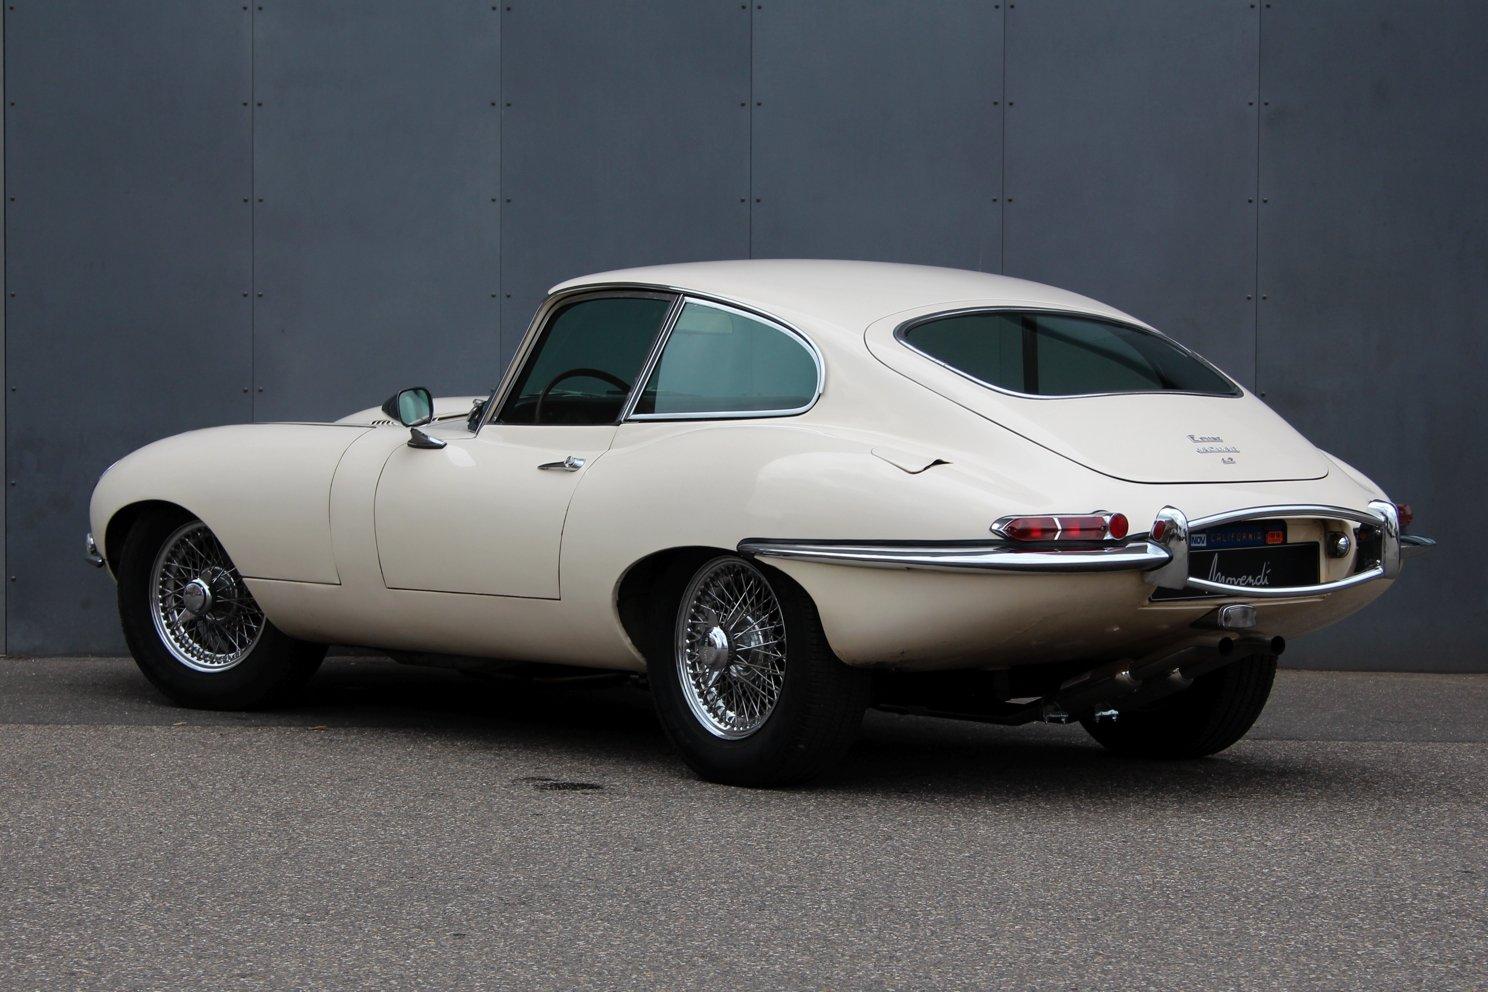 1966 Jaguar E-Type Series I 4.2 Litre Coupé LHD For Sale (picture 2 of 6)